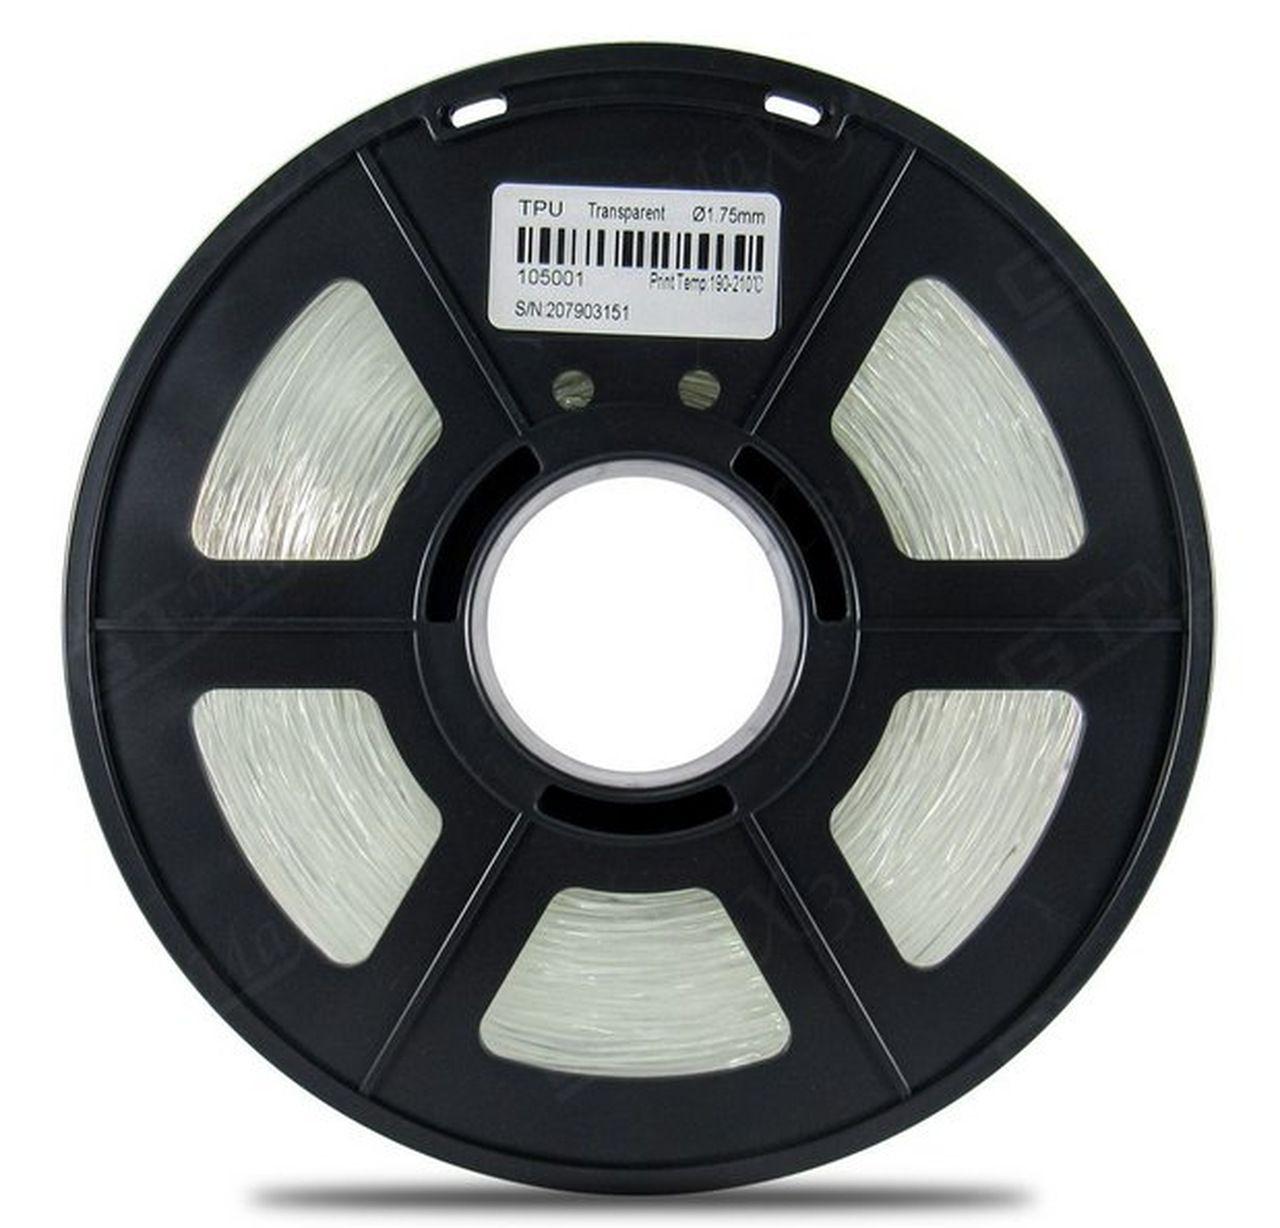 Filamento Flexível TPU - Transparente - GTMax3D - 1.75mm - 500g